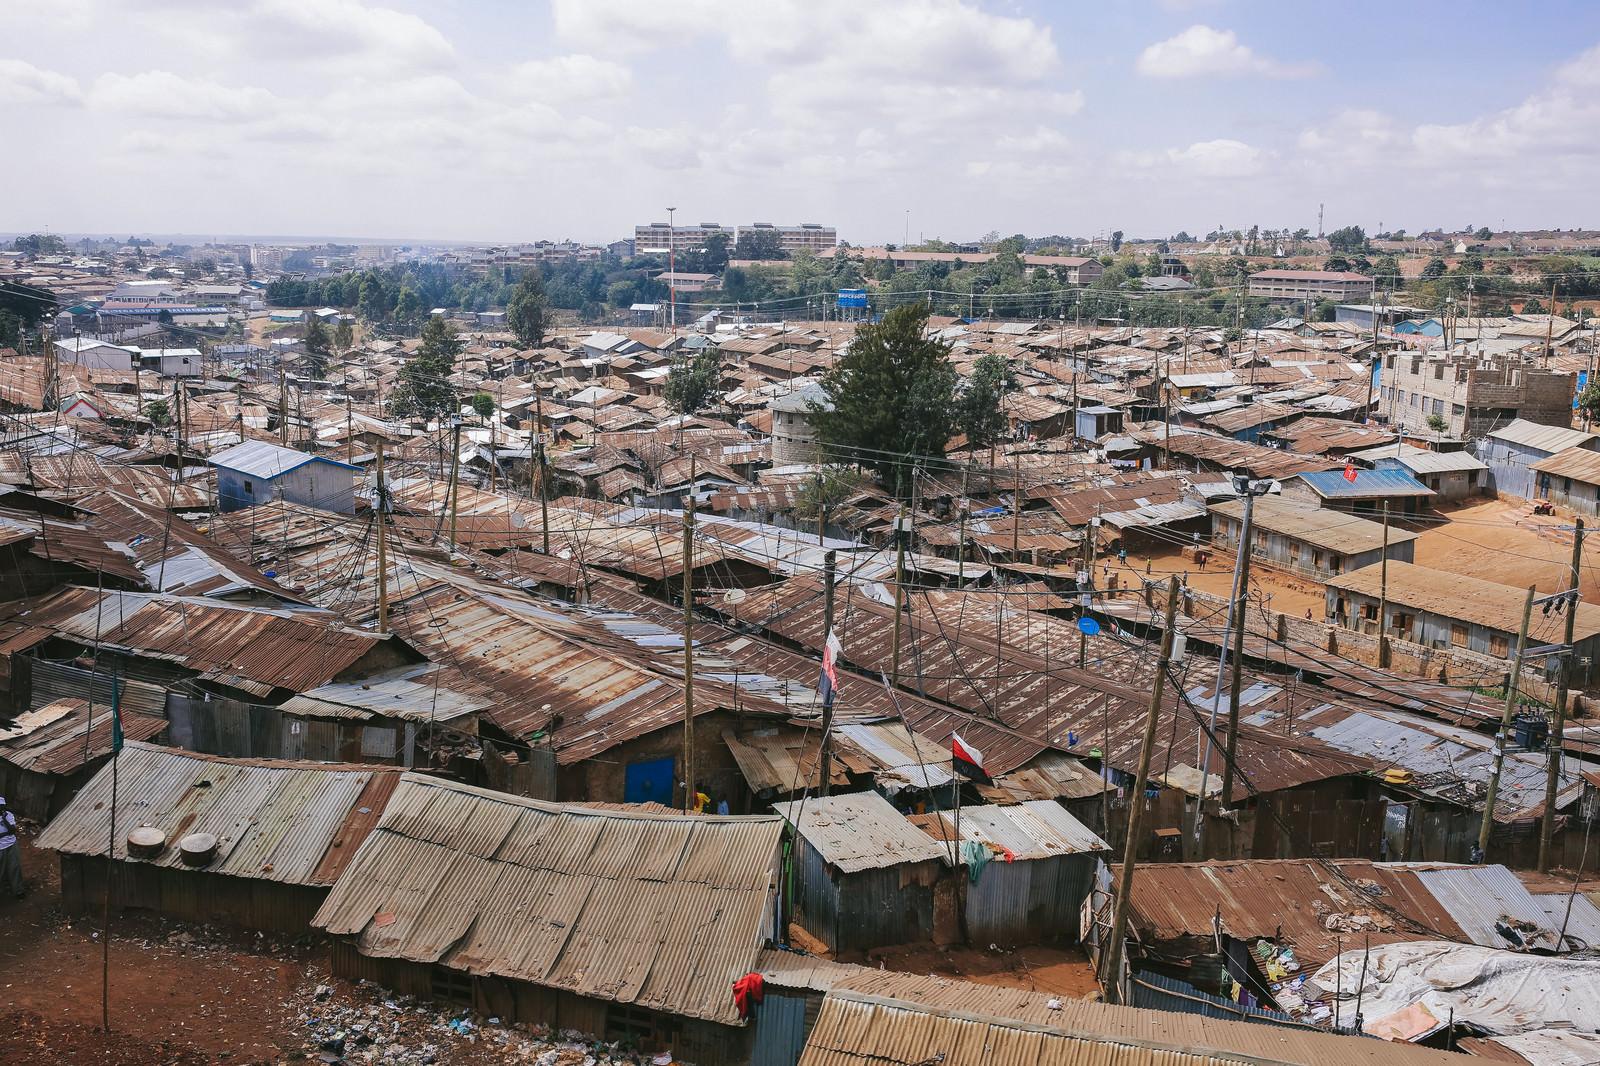 ケニアのスラム街を一望のフリー素材